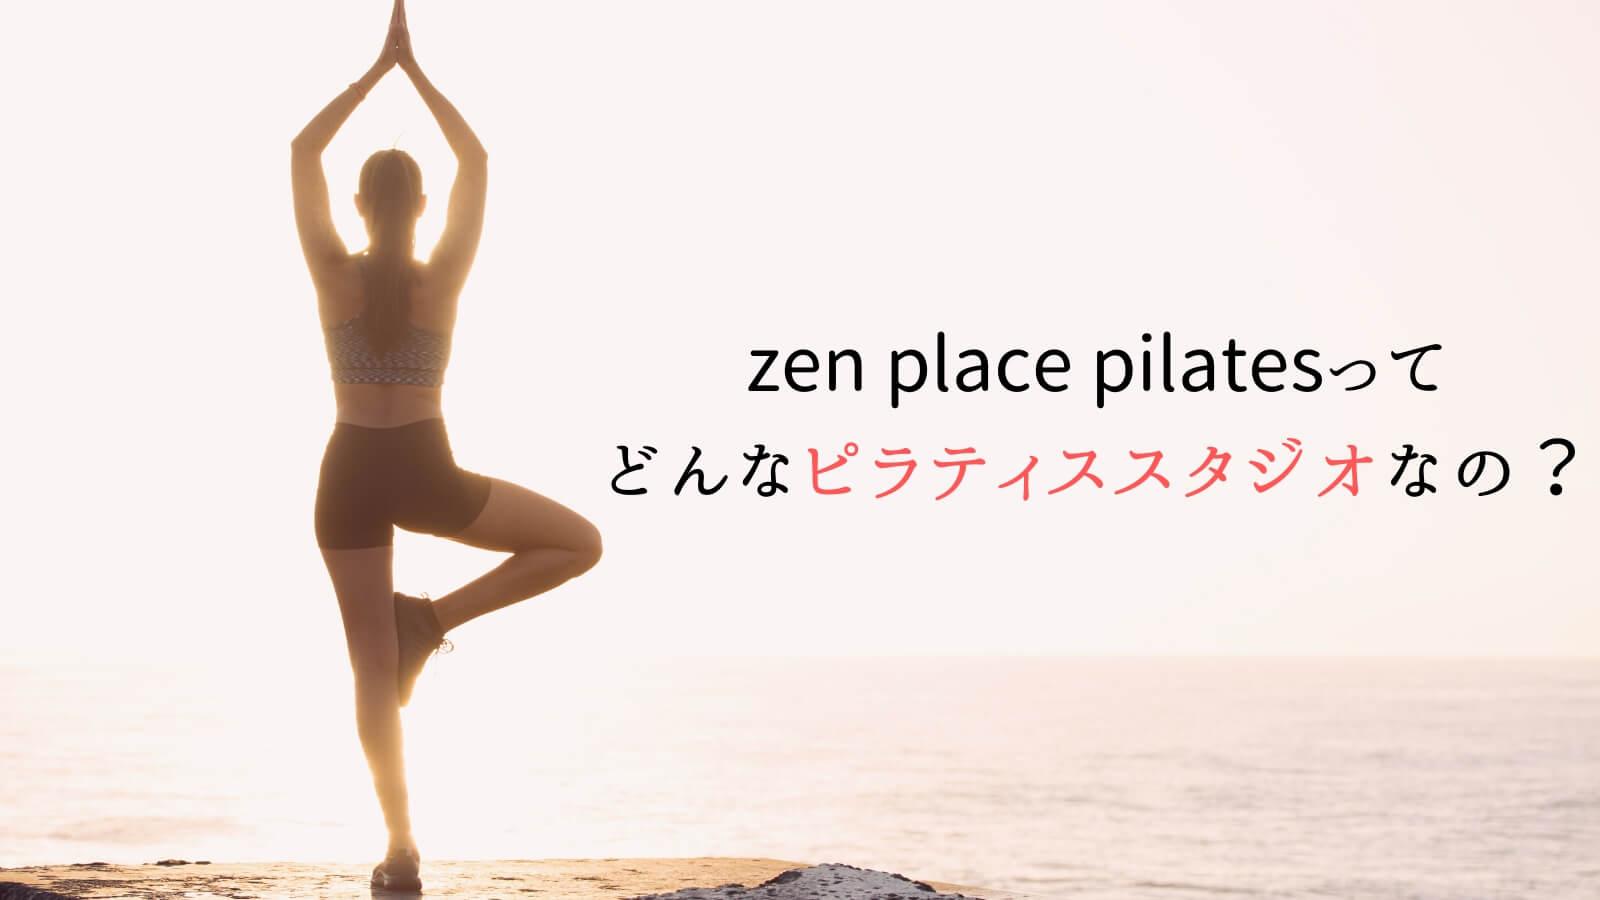 zen place pilates(ゼンプレイスピラティス)ってどんなピラティススタジオなの?